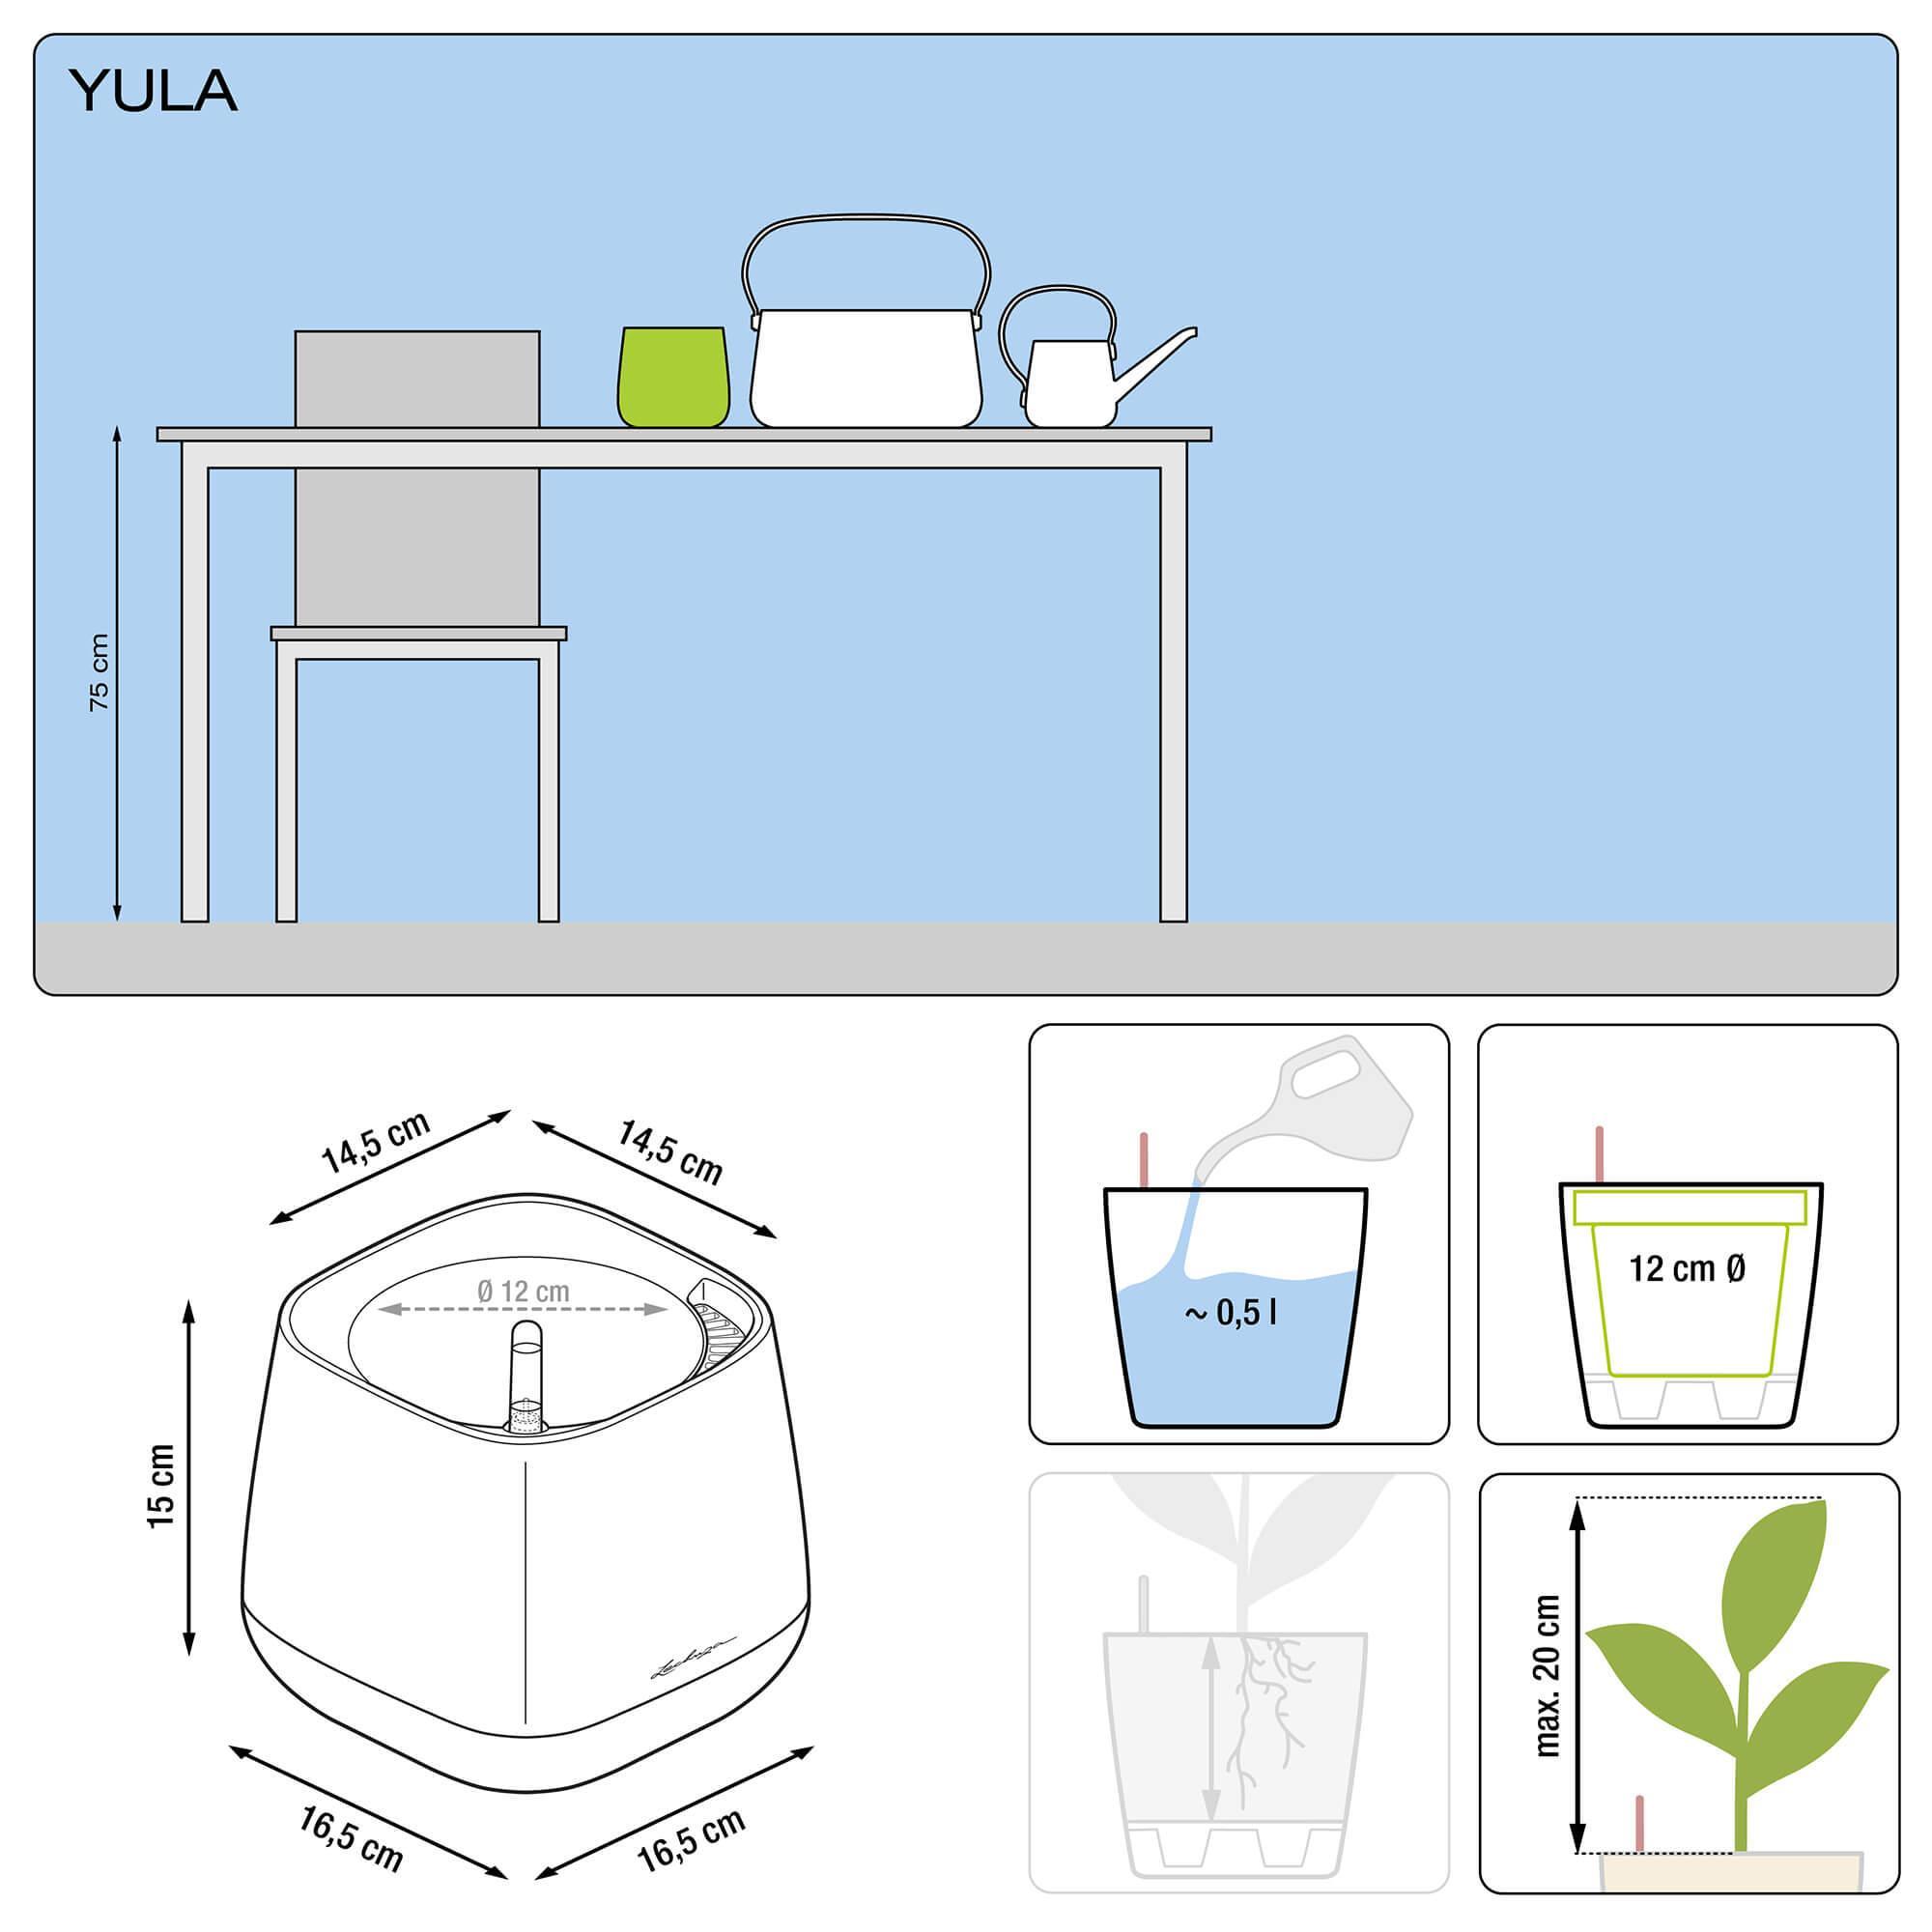 le_yula-pflanzgefaess_product_addi_nz Thumb